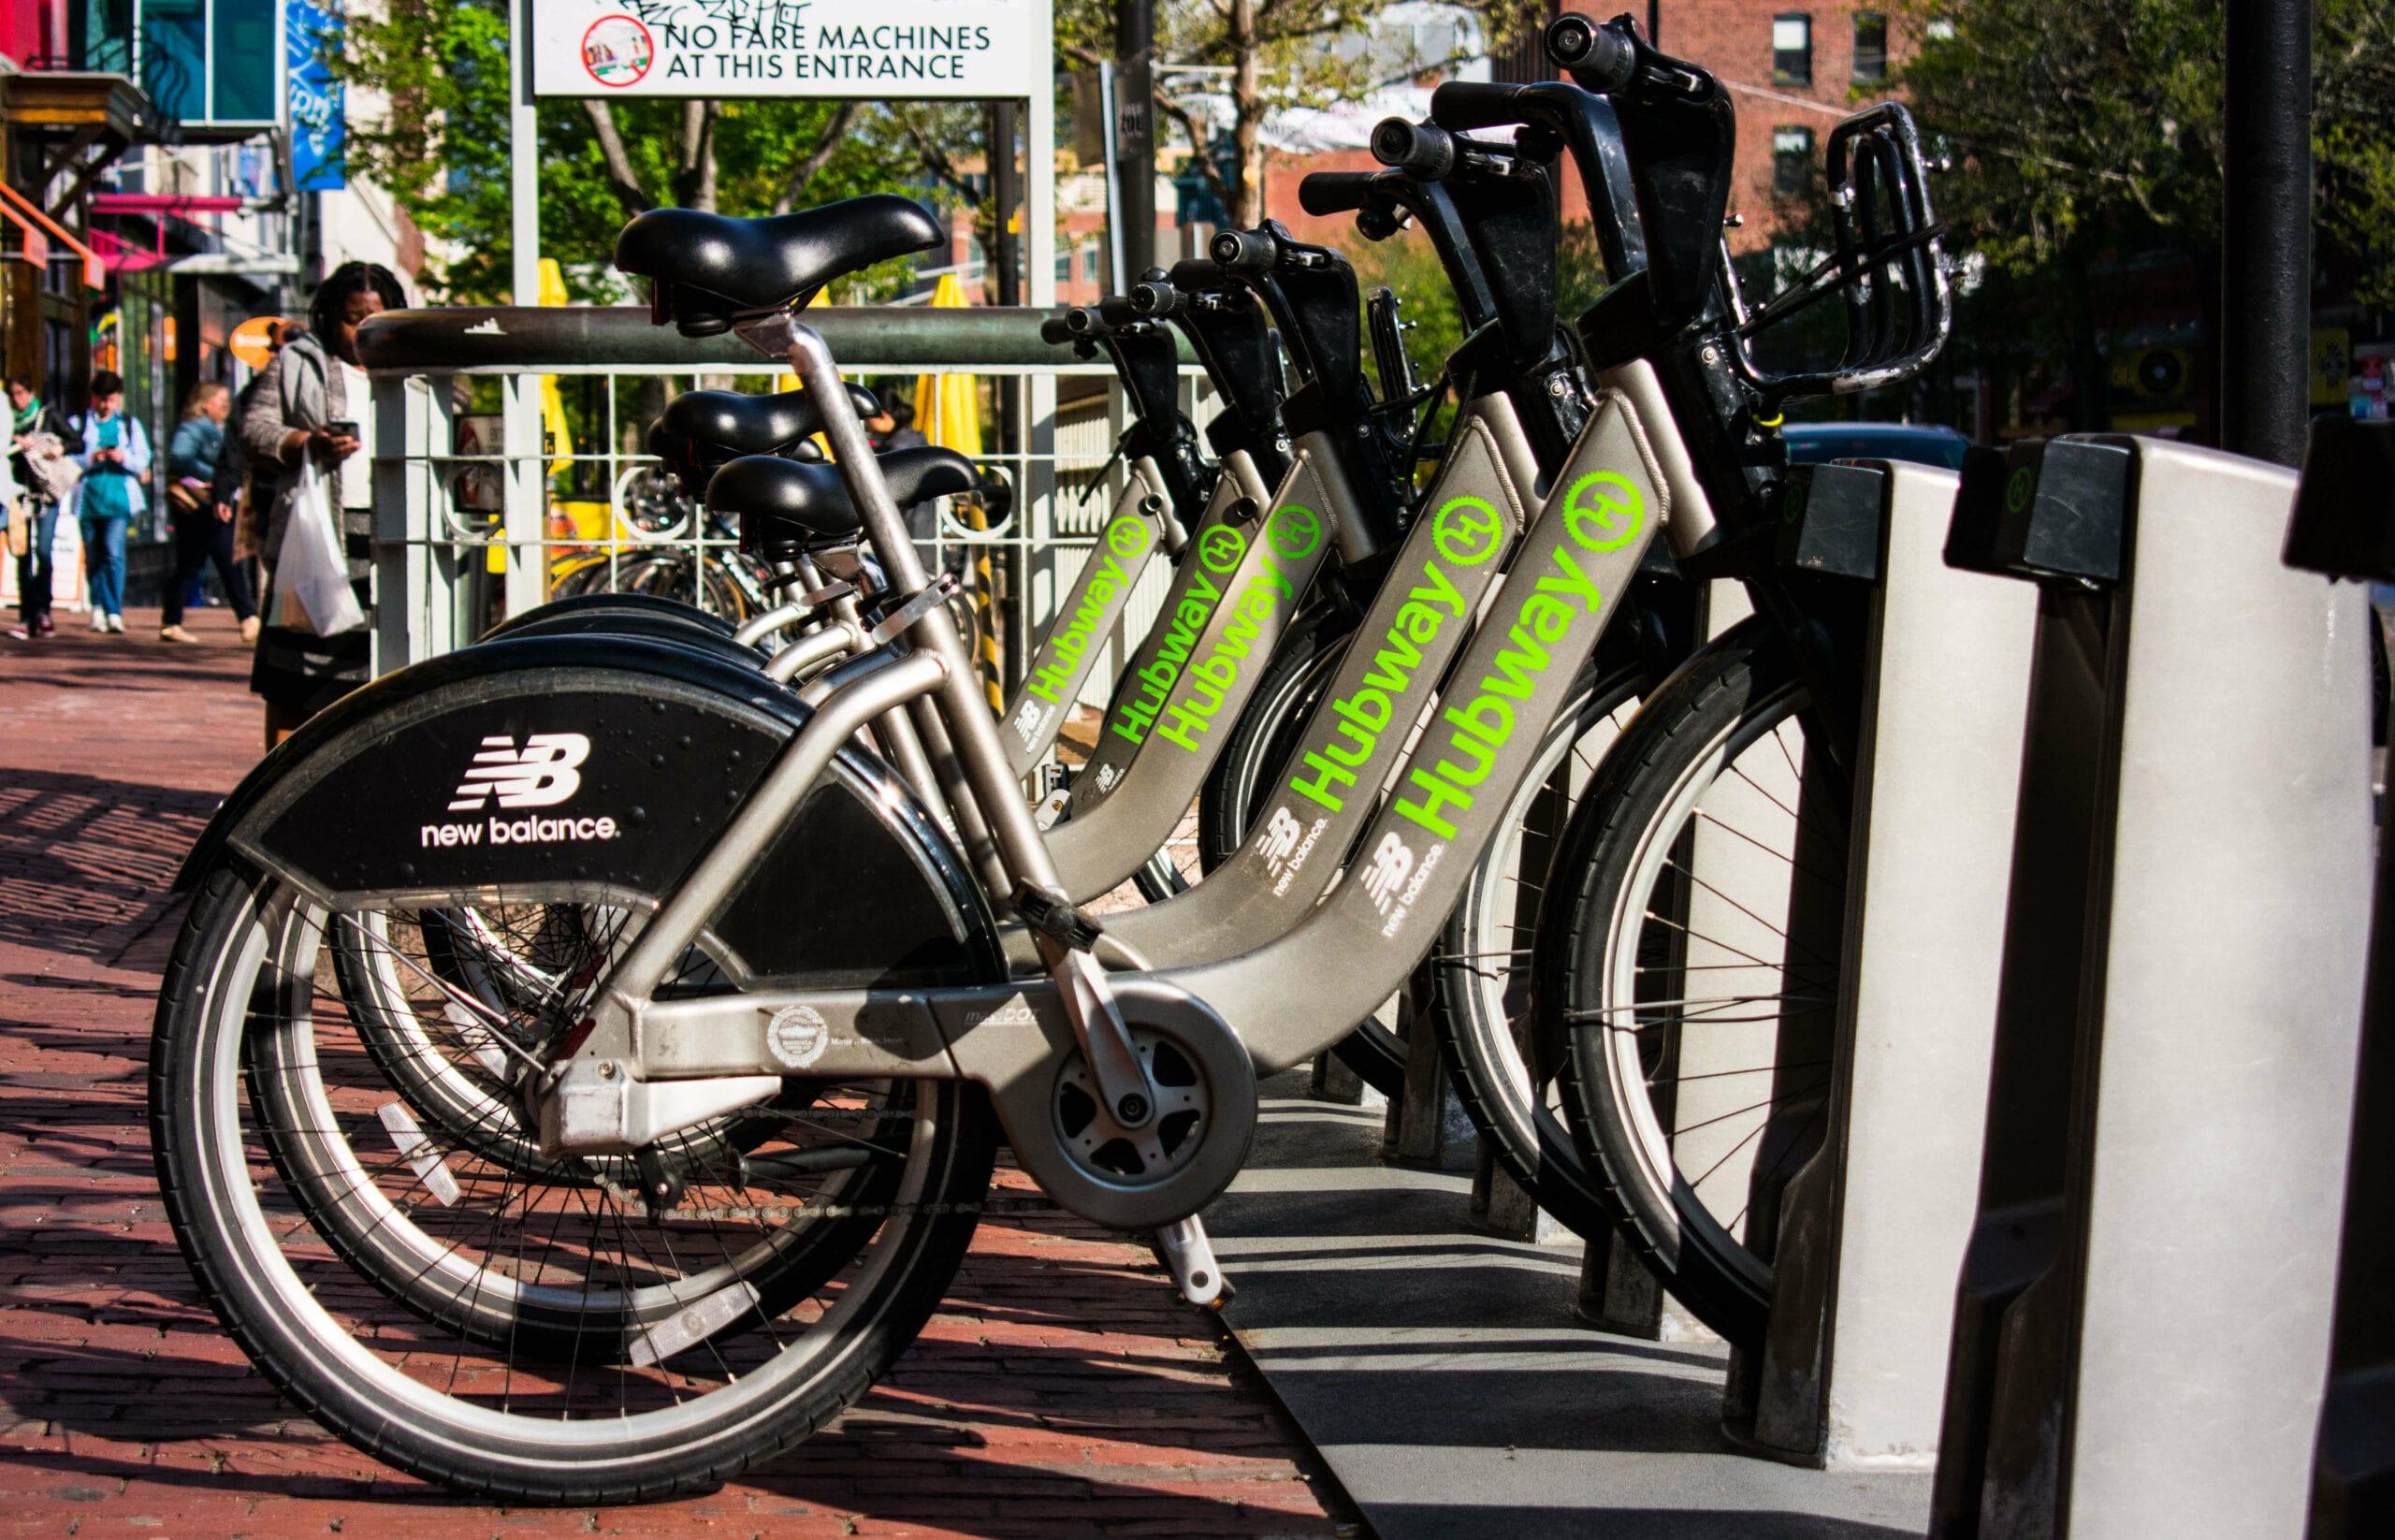 hubway bike sharing